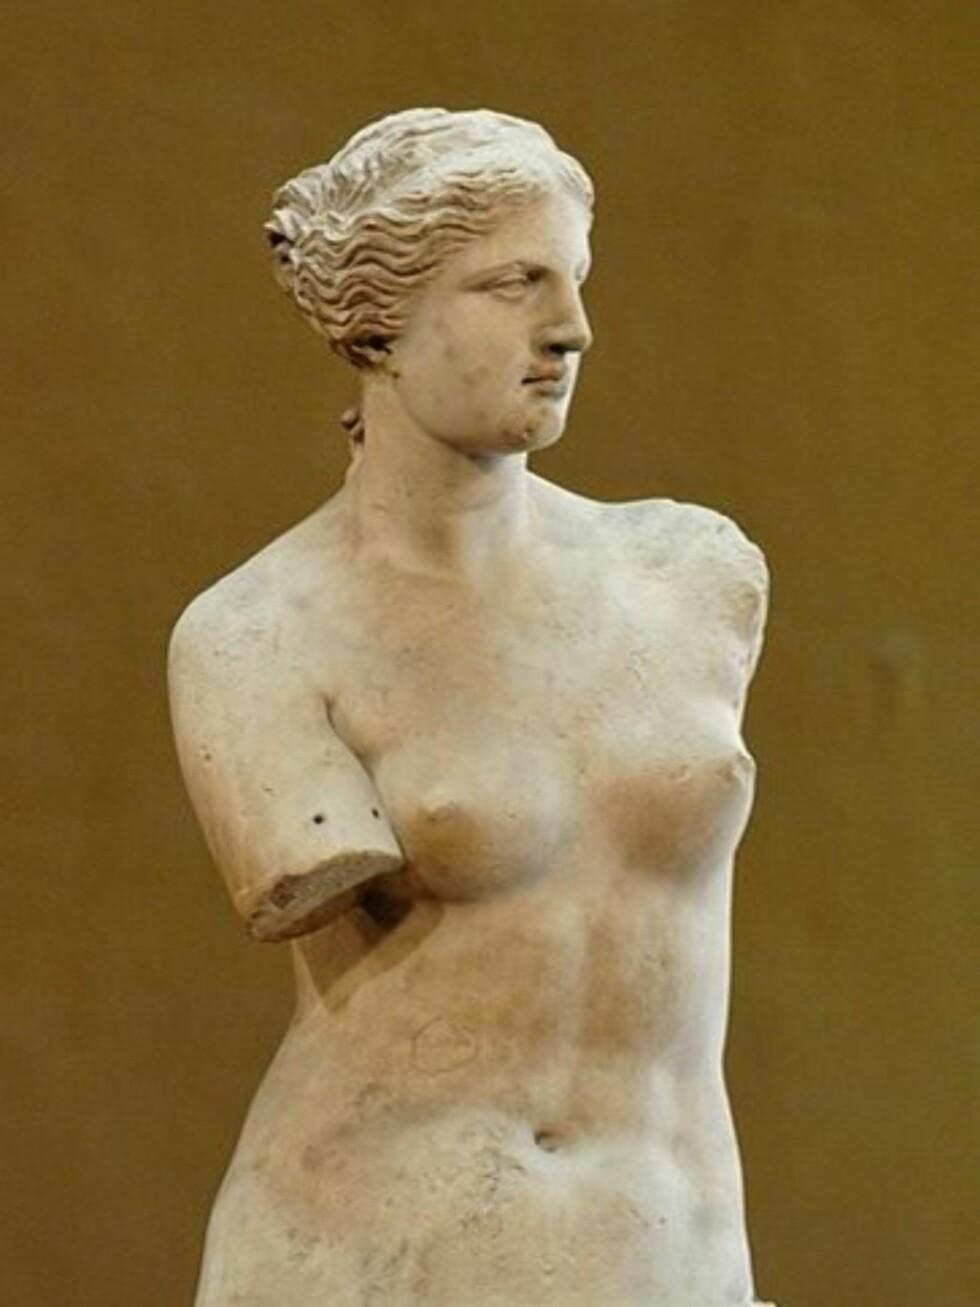 9. Venus fra MiloAfrodite fra Milo, bedre kjent som Venus fra Milo, er trolig den mest berømte skulpturen fra antikke Hellas.Statuen er laget av minst seks-sju blokker med marmor og er 203 centimeter høy. De opprinnelige armene og sokkelen har gått tapt. Ut ifra en inskripsjon som sto på sokkelen antar man at skulpturen ble laget av Alexandros fra Antiokia.Man regner med at verket framstiller Afrodite, gudinnen for kjærlighet og skjønnhet, som romerne kalte Venus. Statuen ble funnet i 1820 på øya Milos i Egeerhavet. Den befinner seg nå i Louvre. Foto: Wikipedia